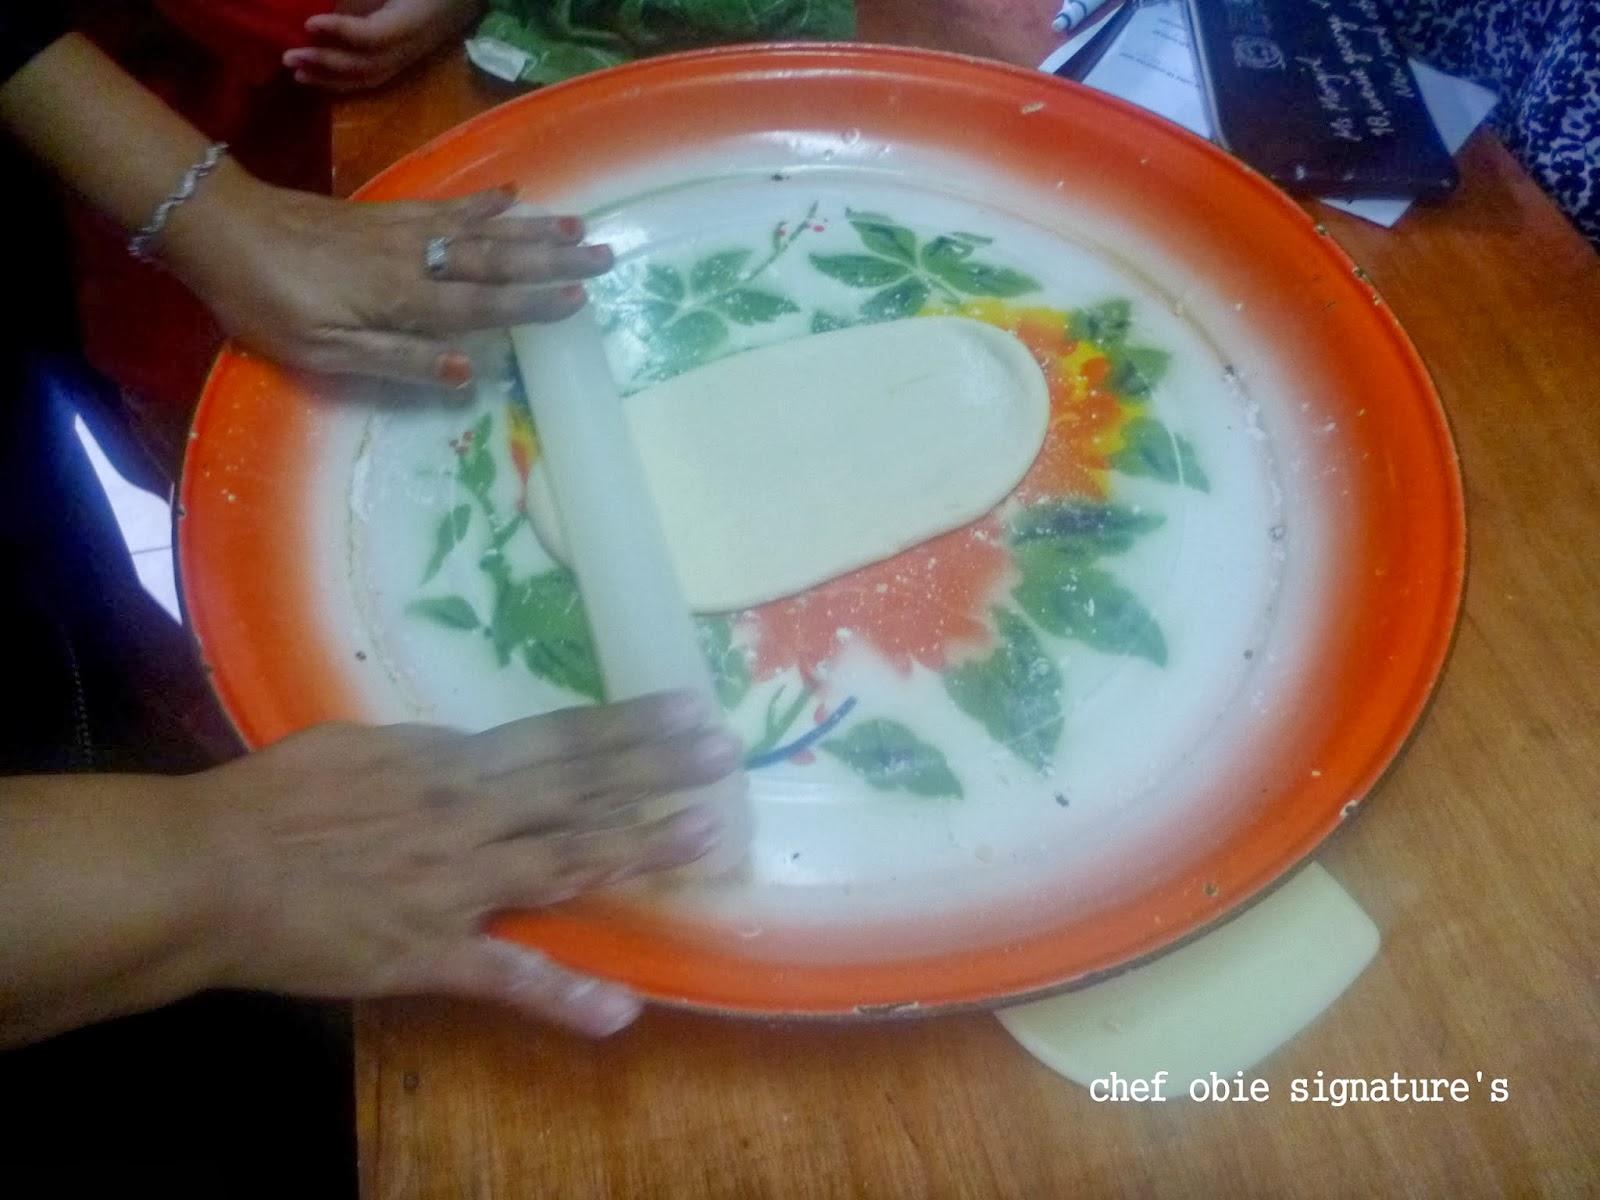 Chef Obie Kelas Masakan 1001 Info & Resepi: RESEPI KUIH TRADISIONAL